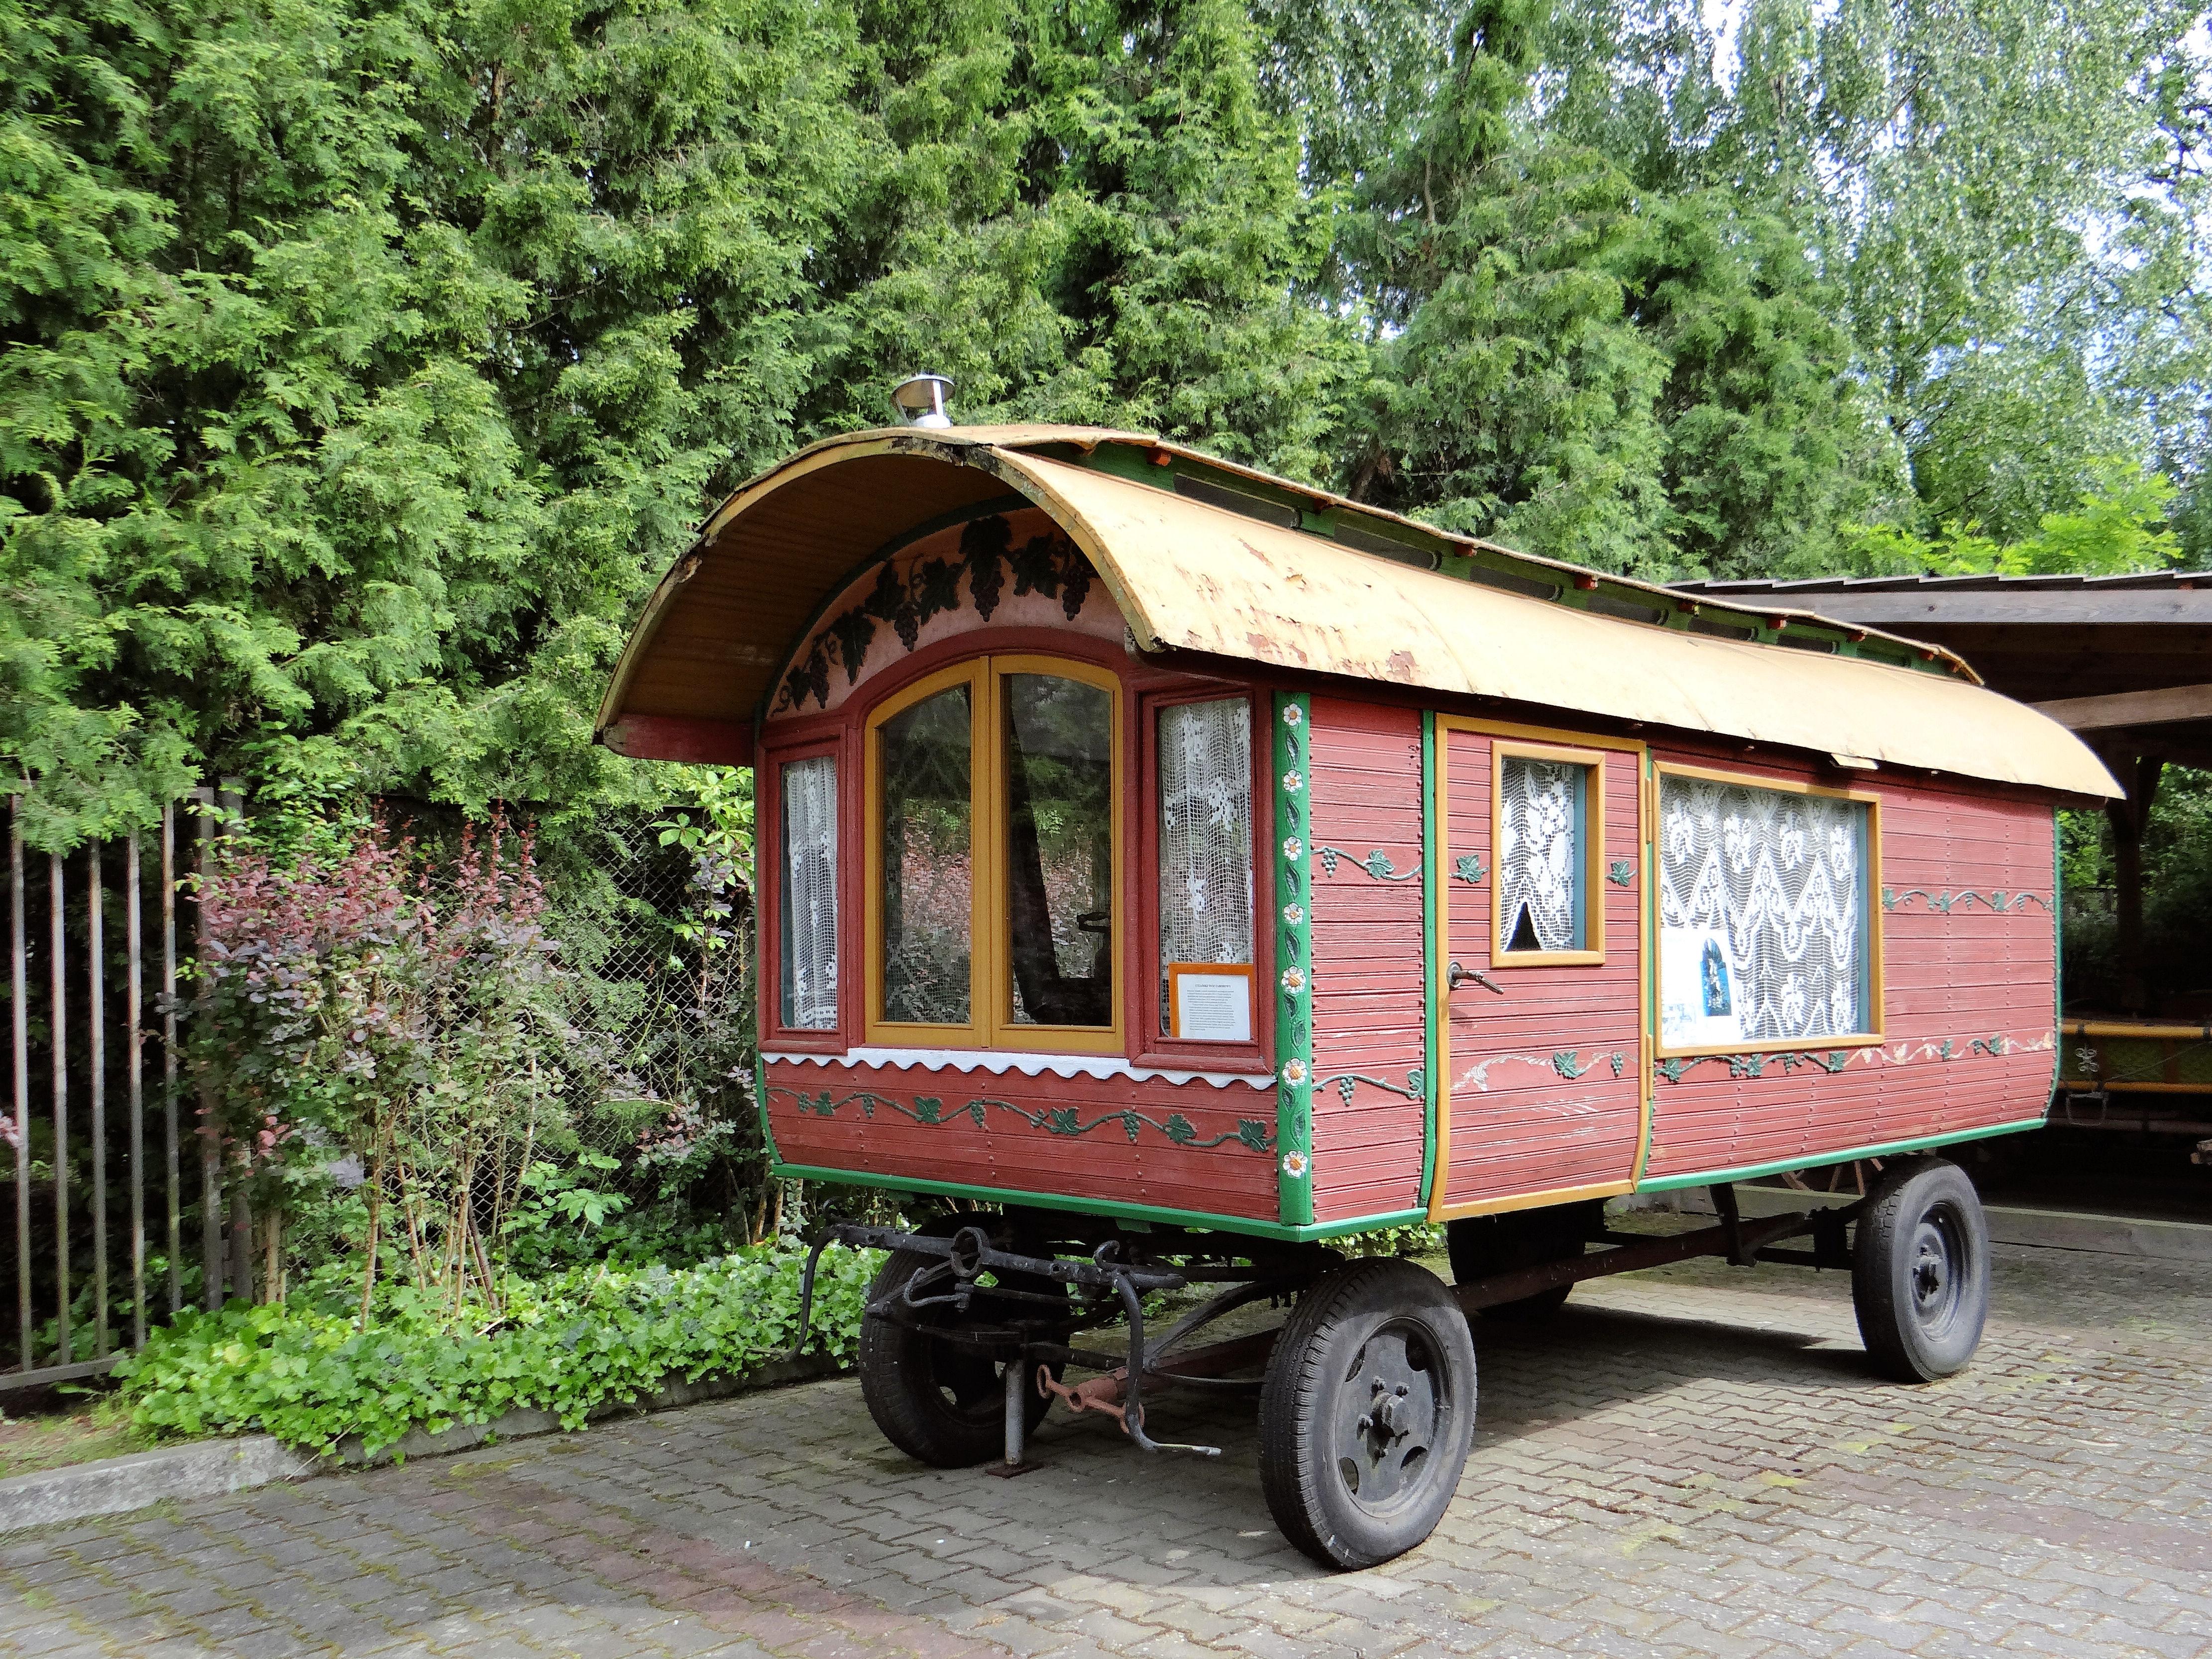 Gypsy_wagon Pilaszków Poland Jolanta Dyr Wikipedia